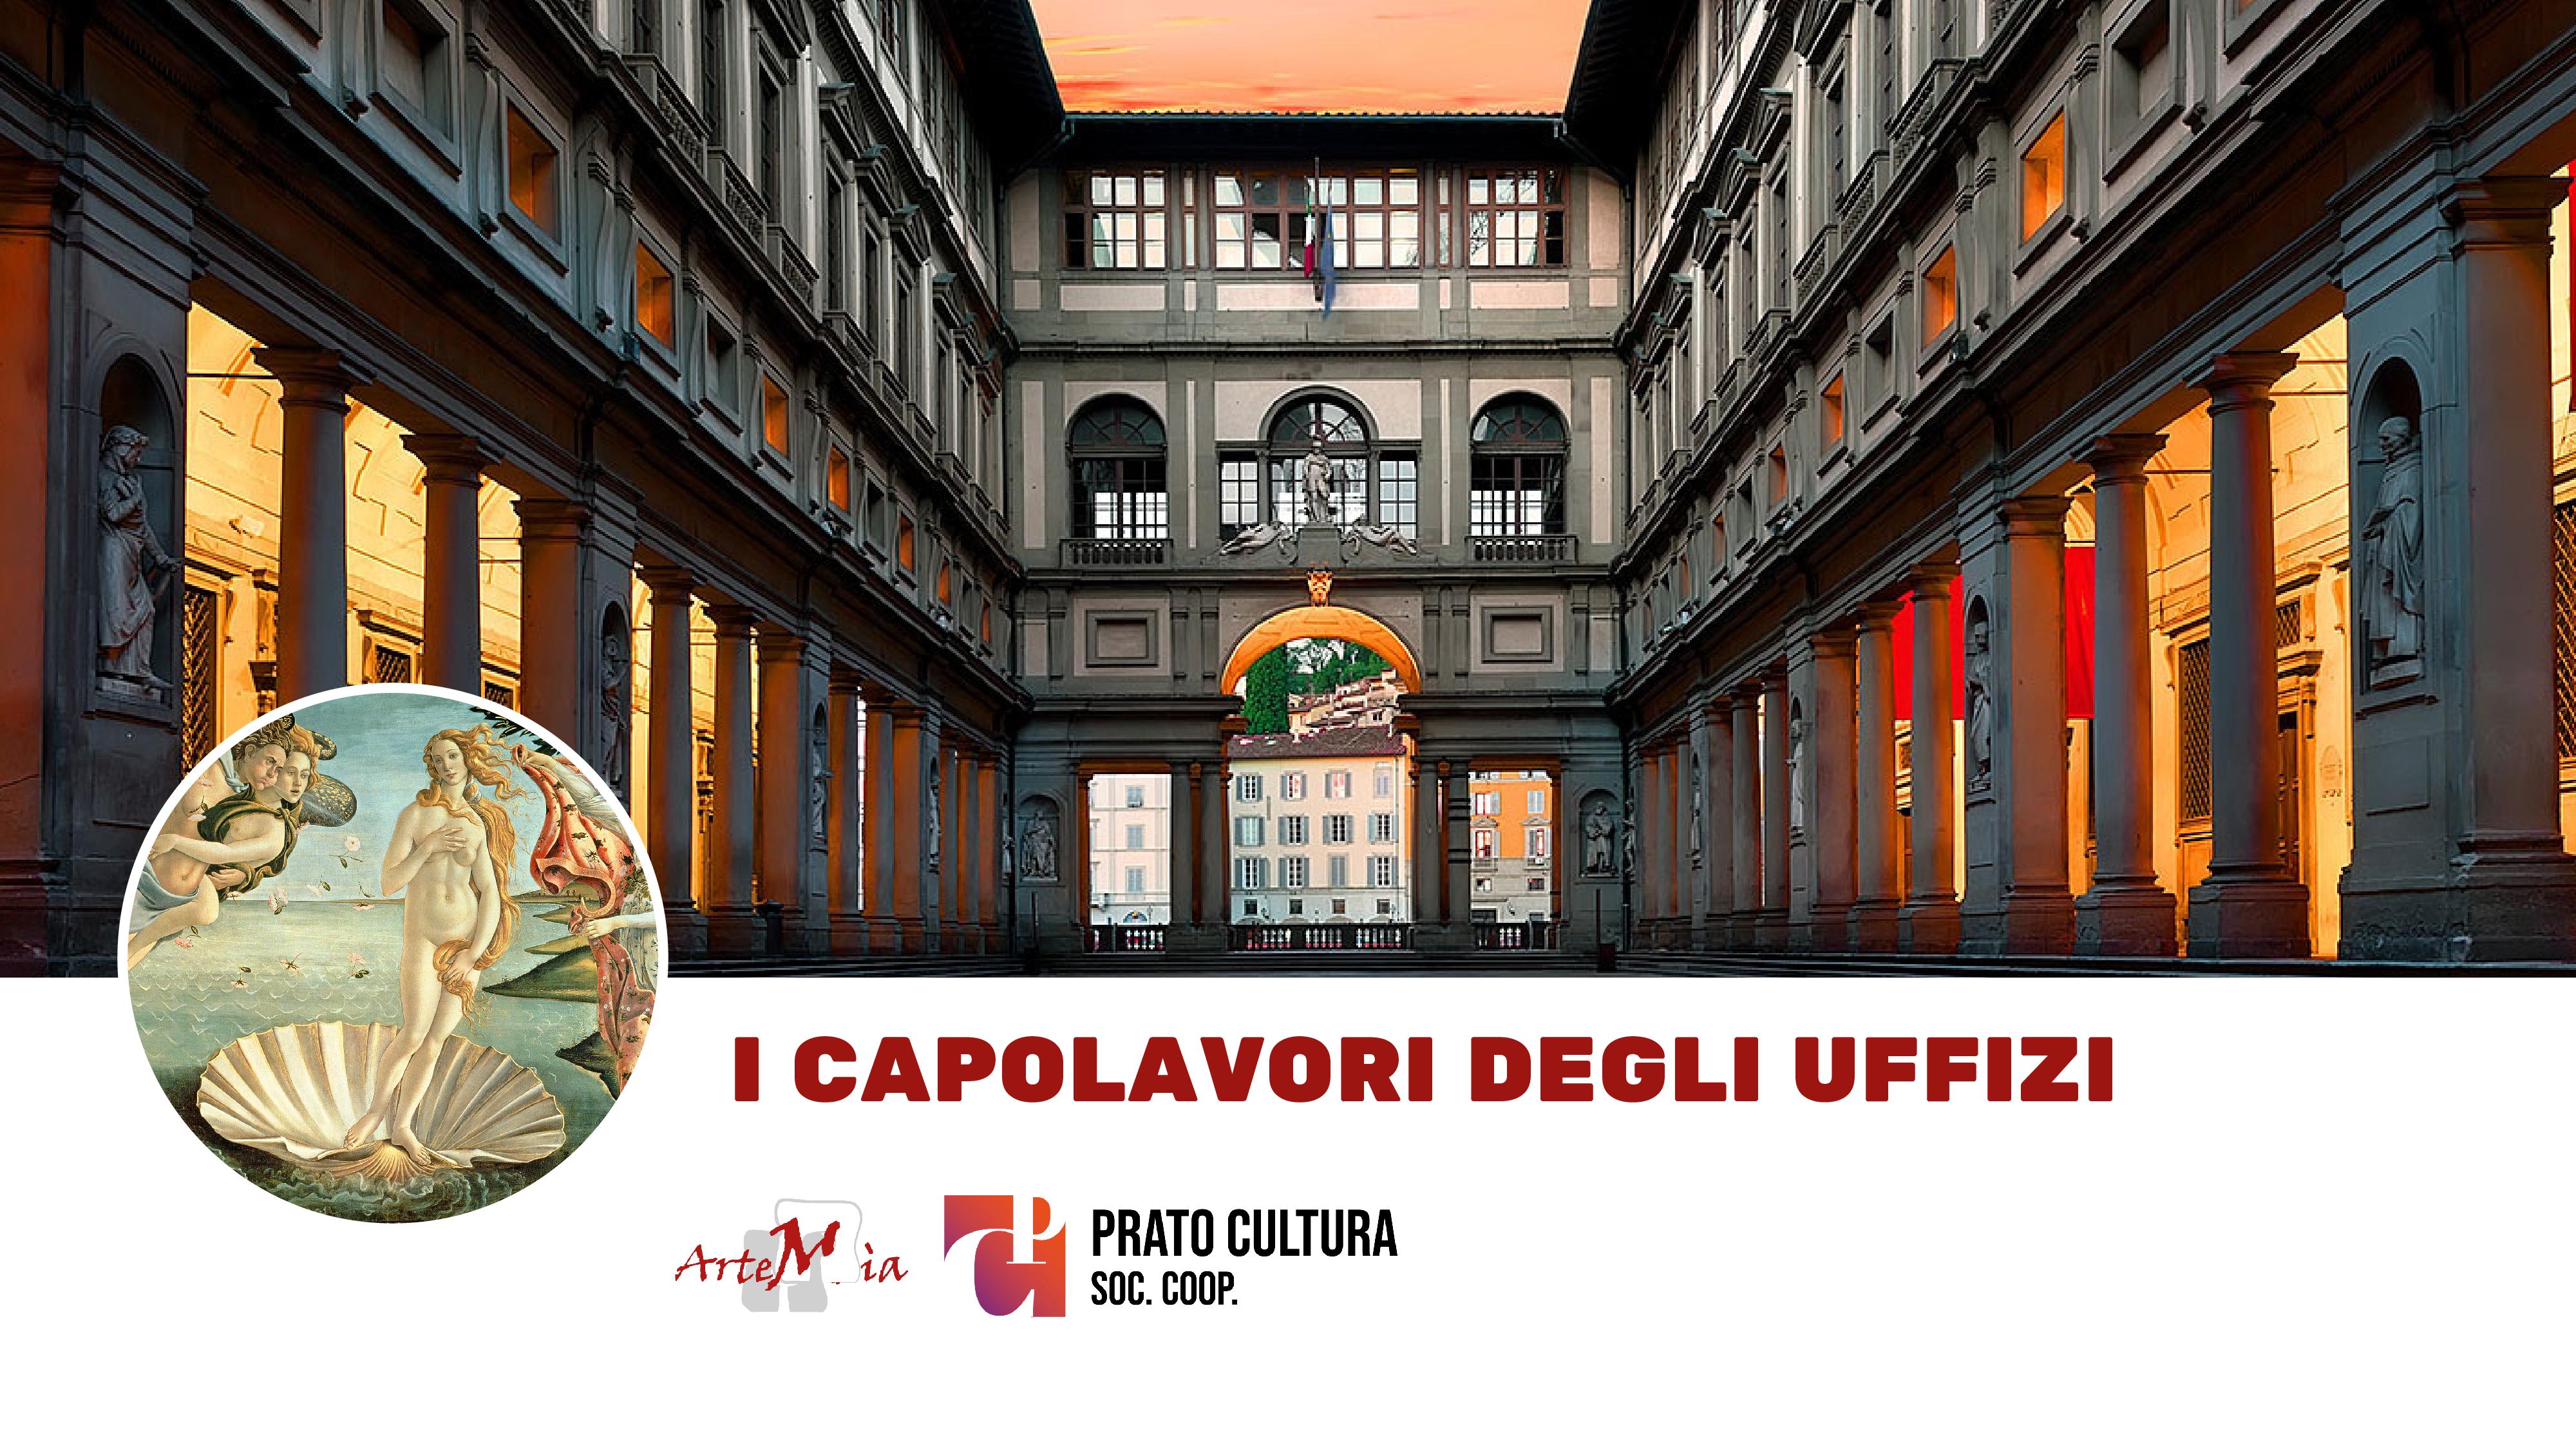 Visita: I Capolavori degli Uffizi